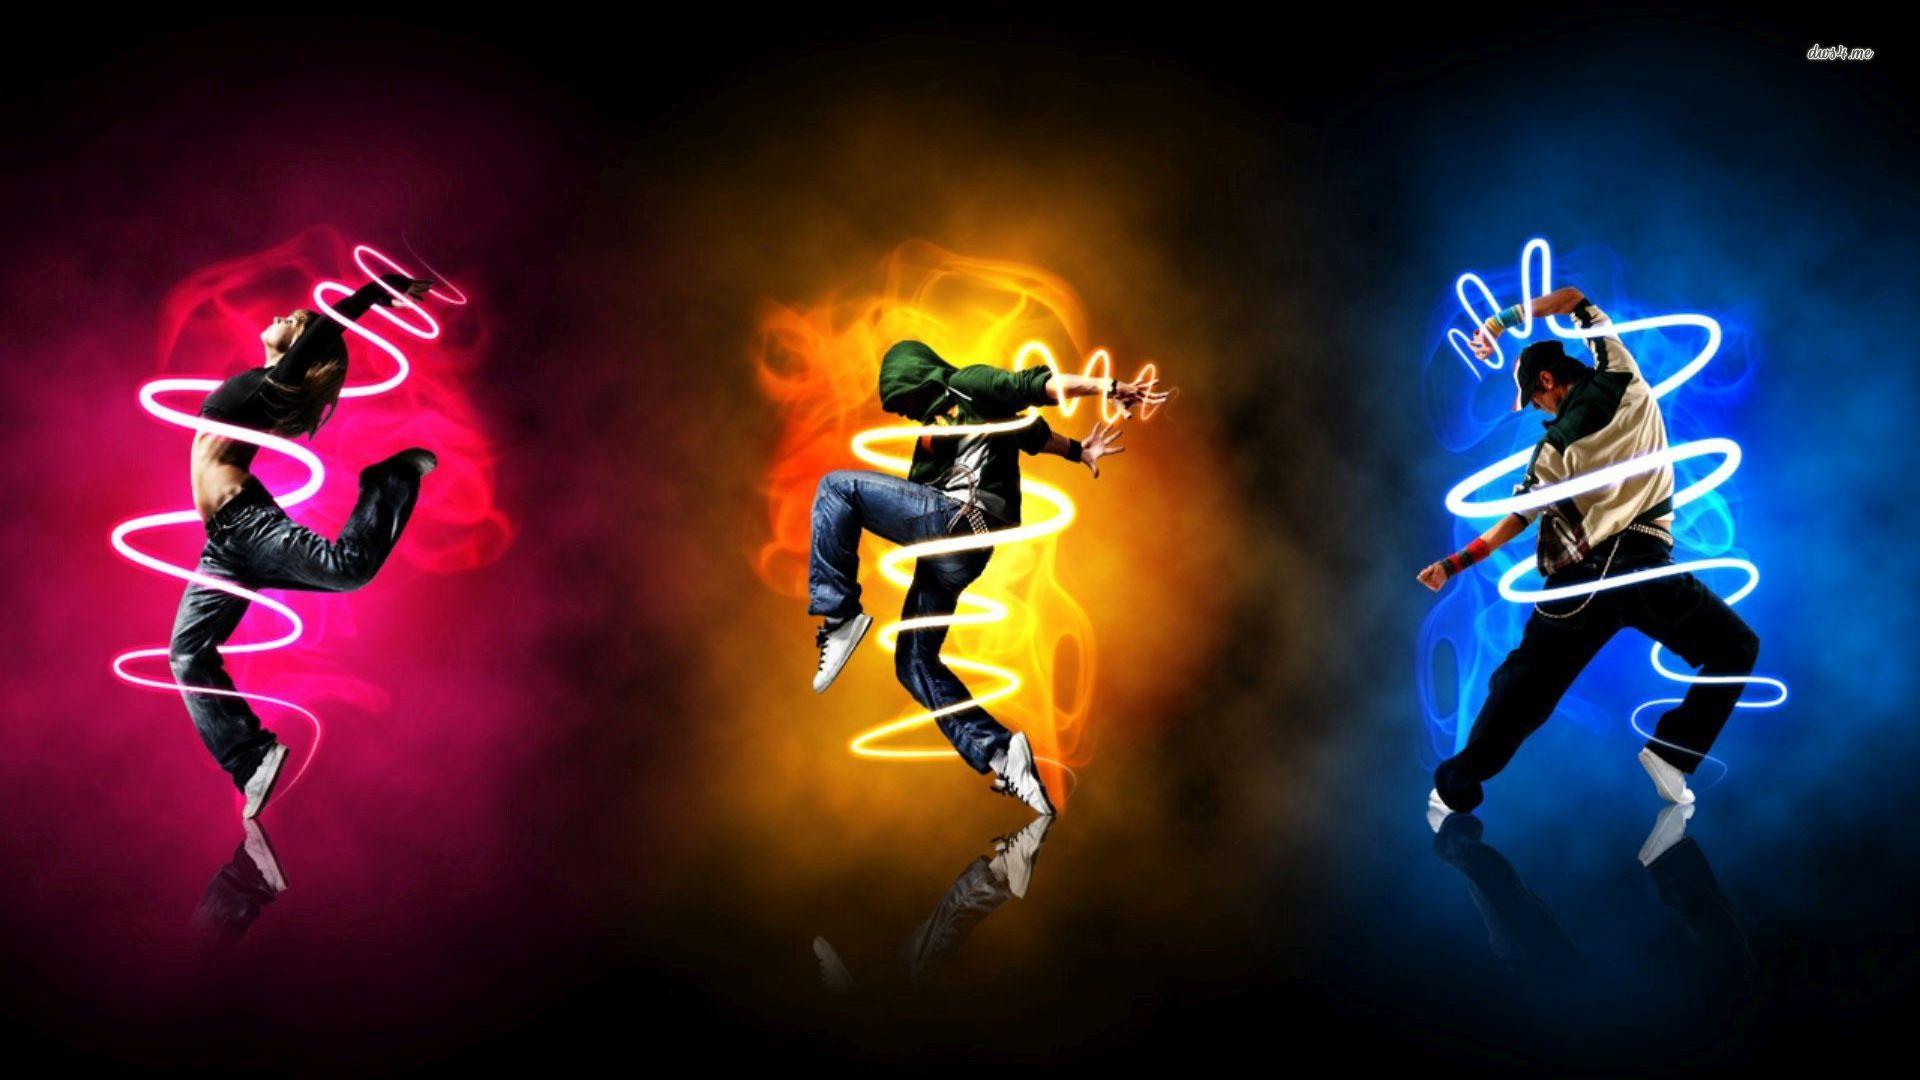 Dance Wallpaper Digital Art Wallpapers 1920x1080px 1920x1080